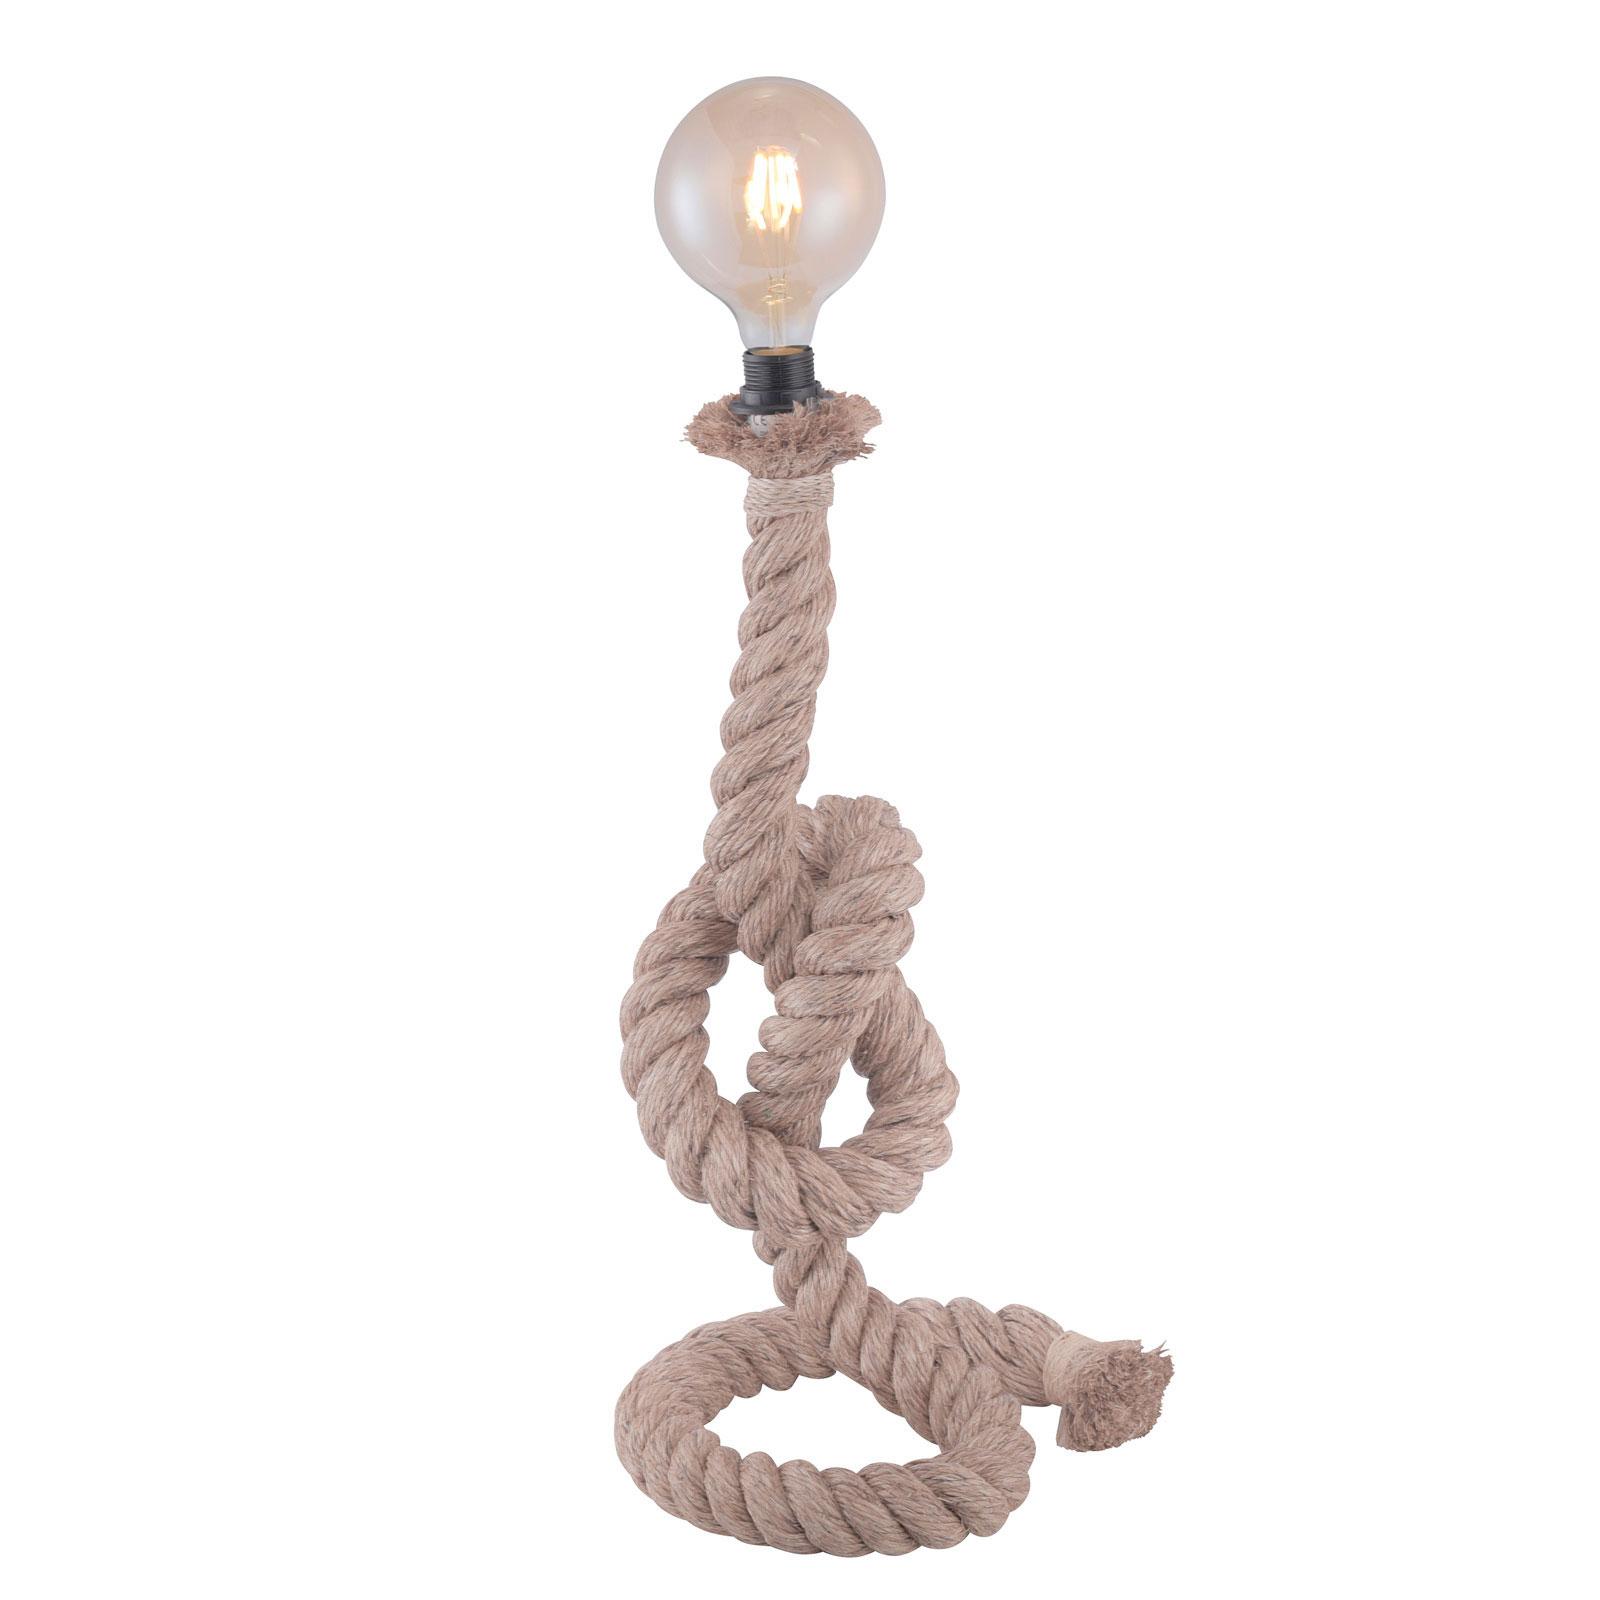 Lampa stołowa Rope wykonana z grubej liny